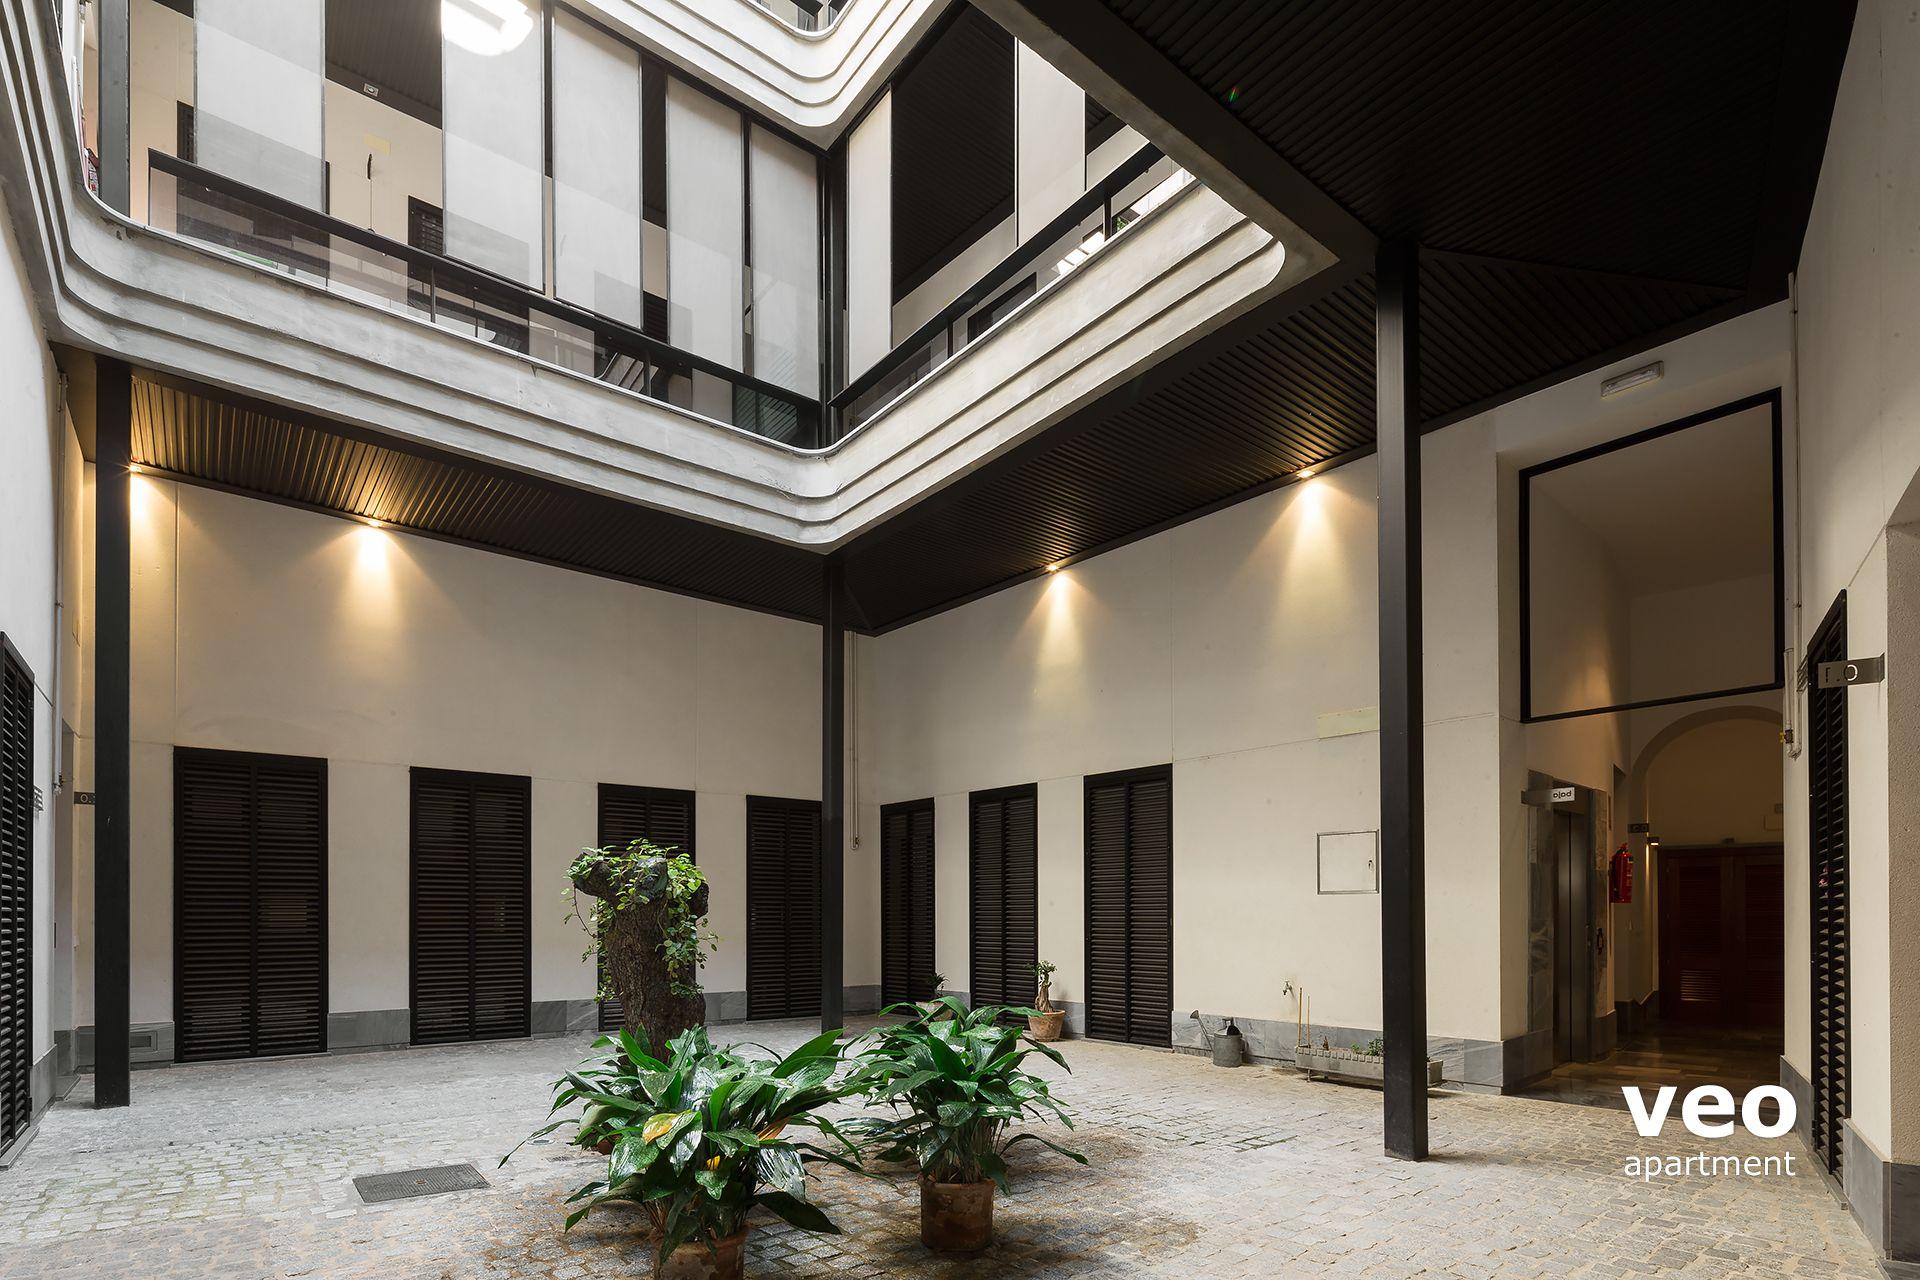 0392_corral-rey-1-apartments-veoapartment-seville-07 Frais De Table Basse Qui Se Leve Des Idées